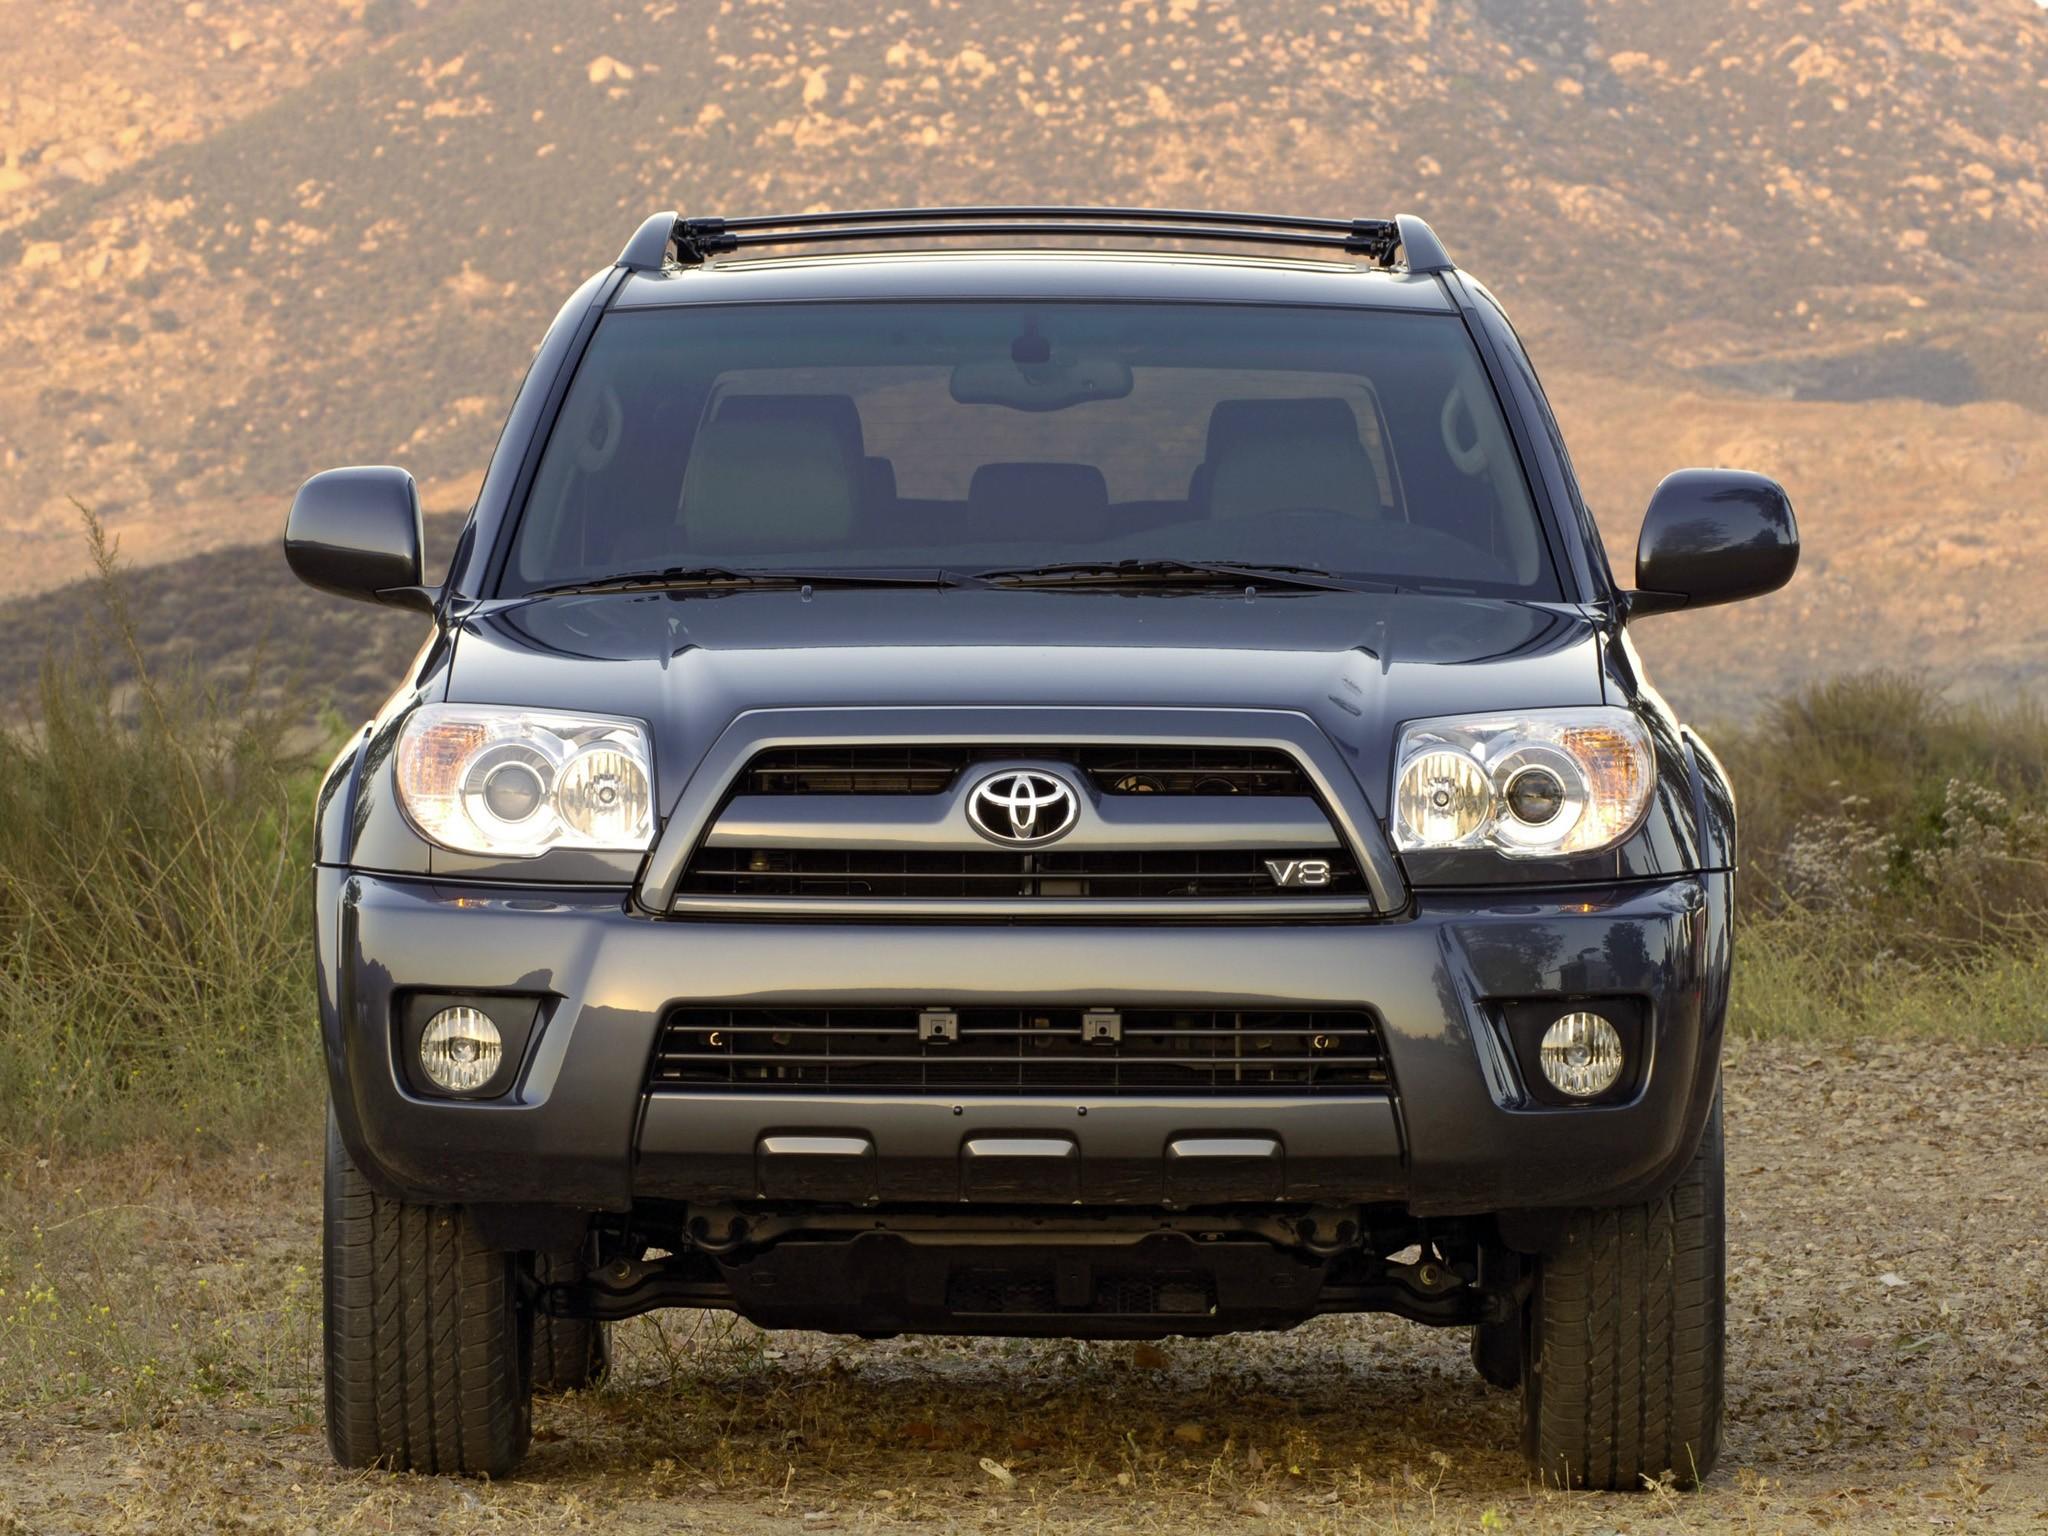 toyota 4runner specs 2003 2004 2005 2006 2007 2008 2009 rh autoevolution com 2006 toyota 4runner manual pdf 2006 toyota 4runner manual